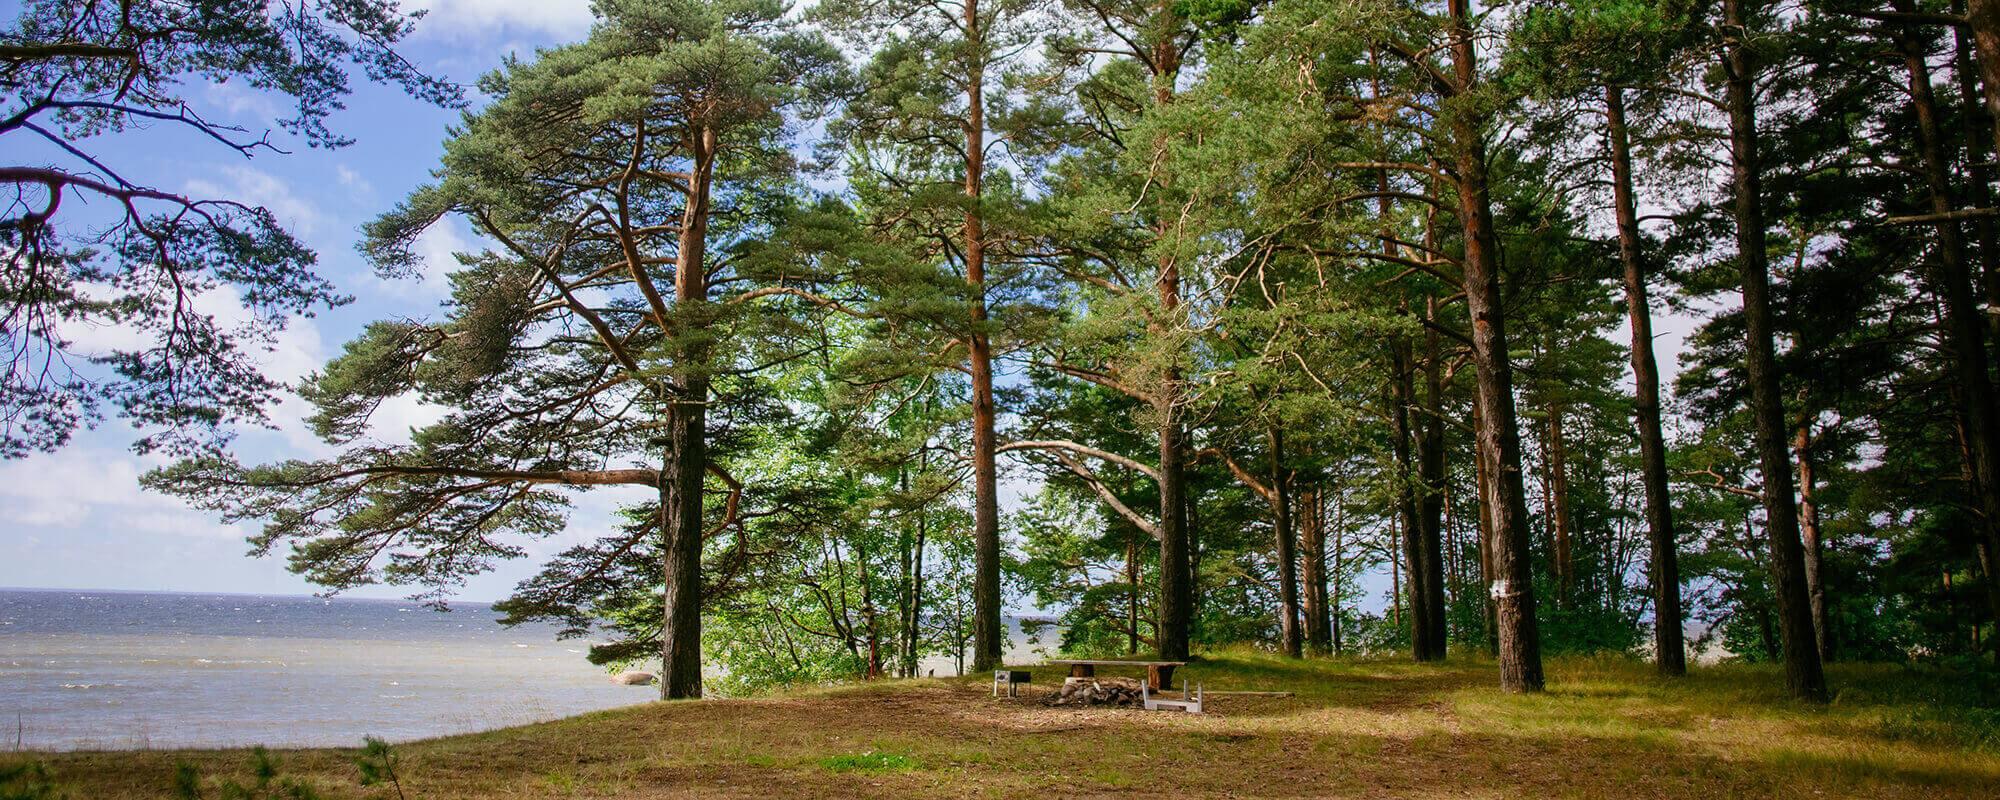 Фото коттеджного поселка Финский Бриз от Северная долина. Коттеджный поселок